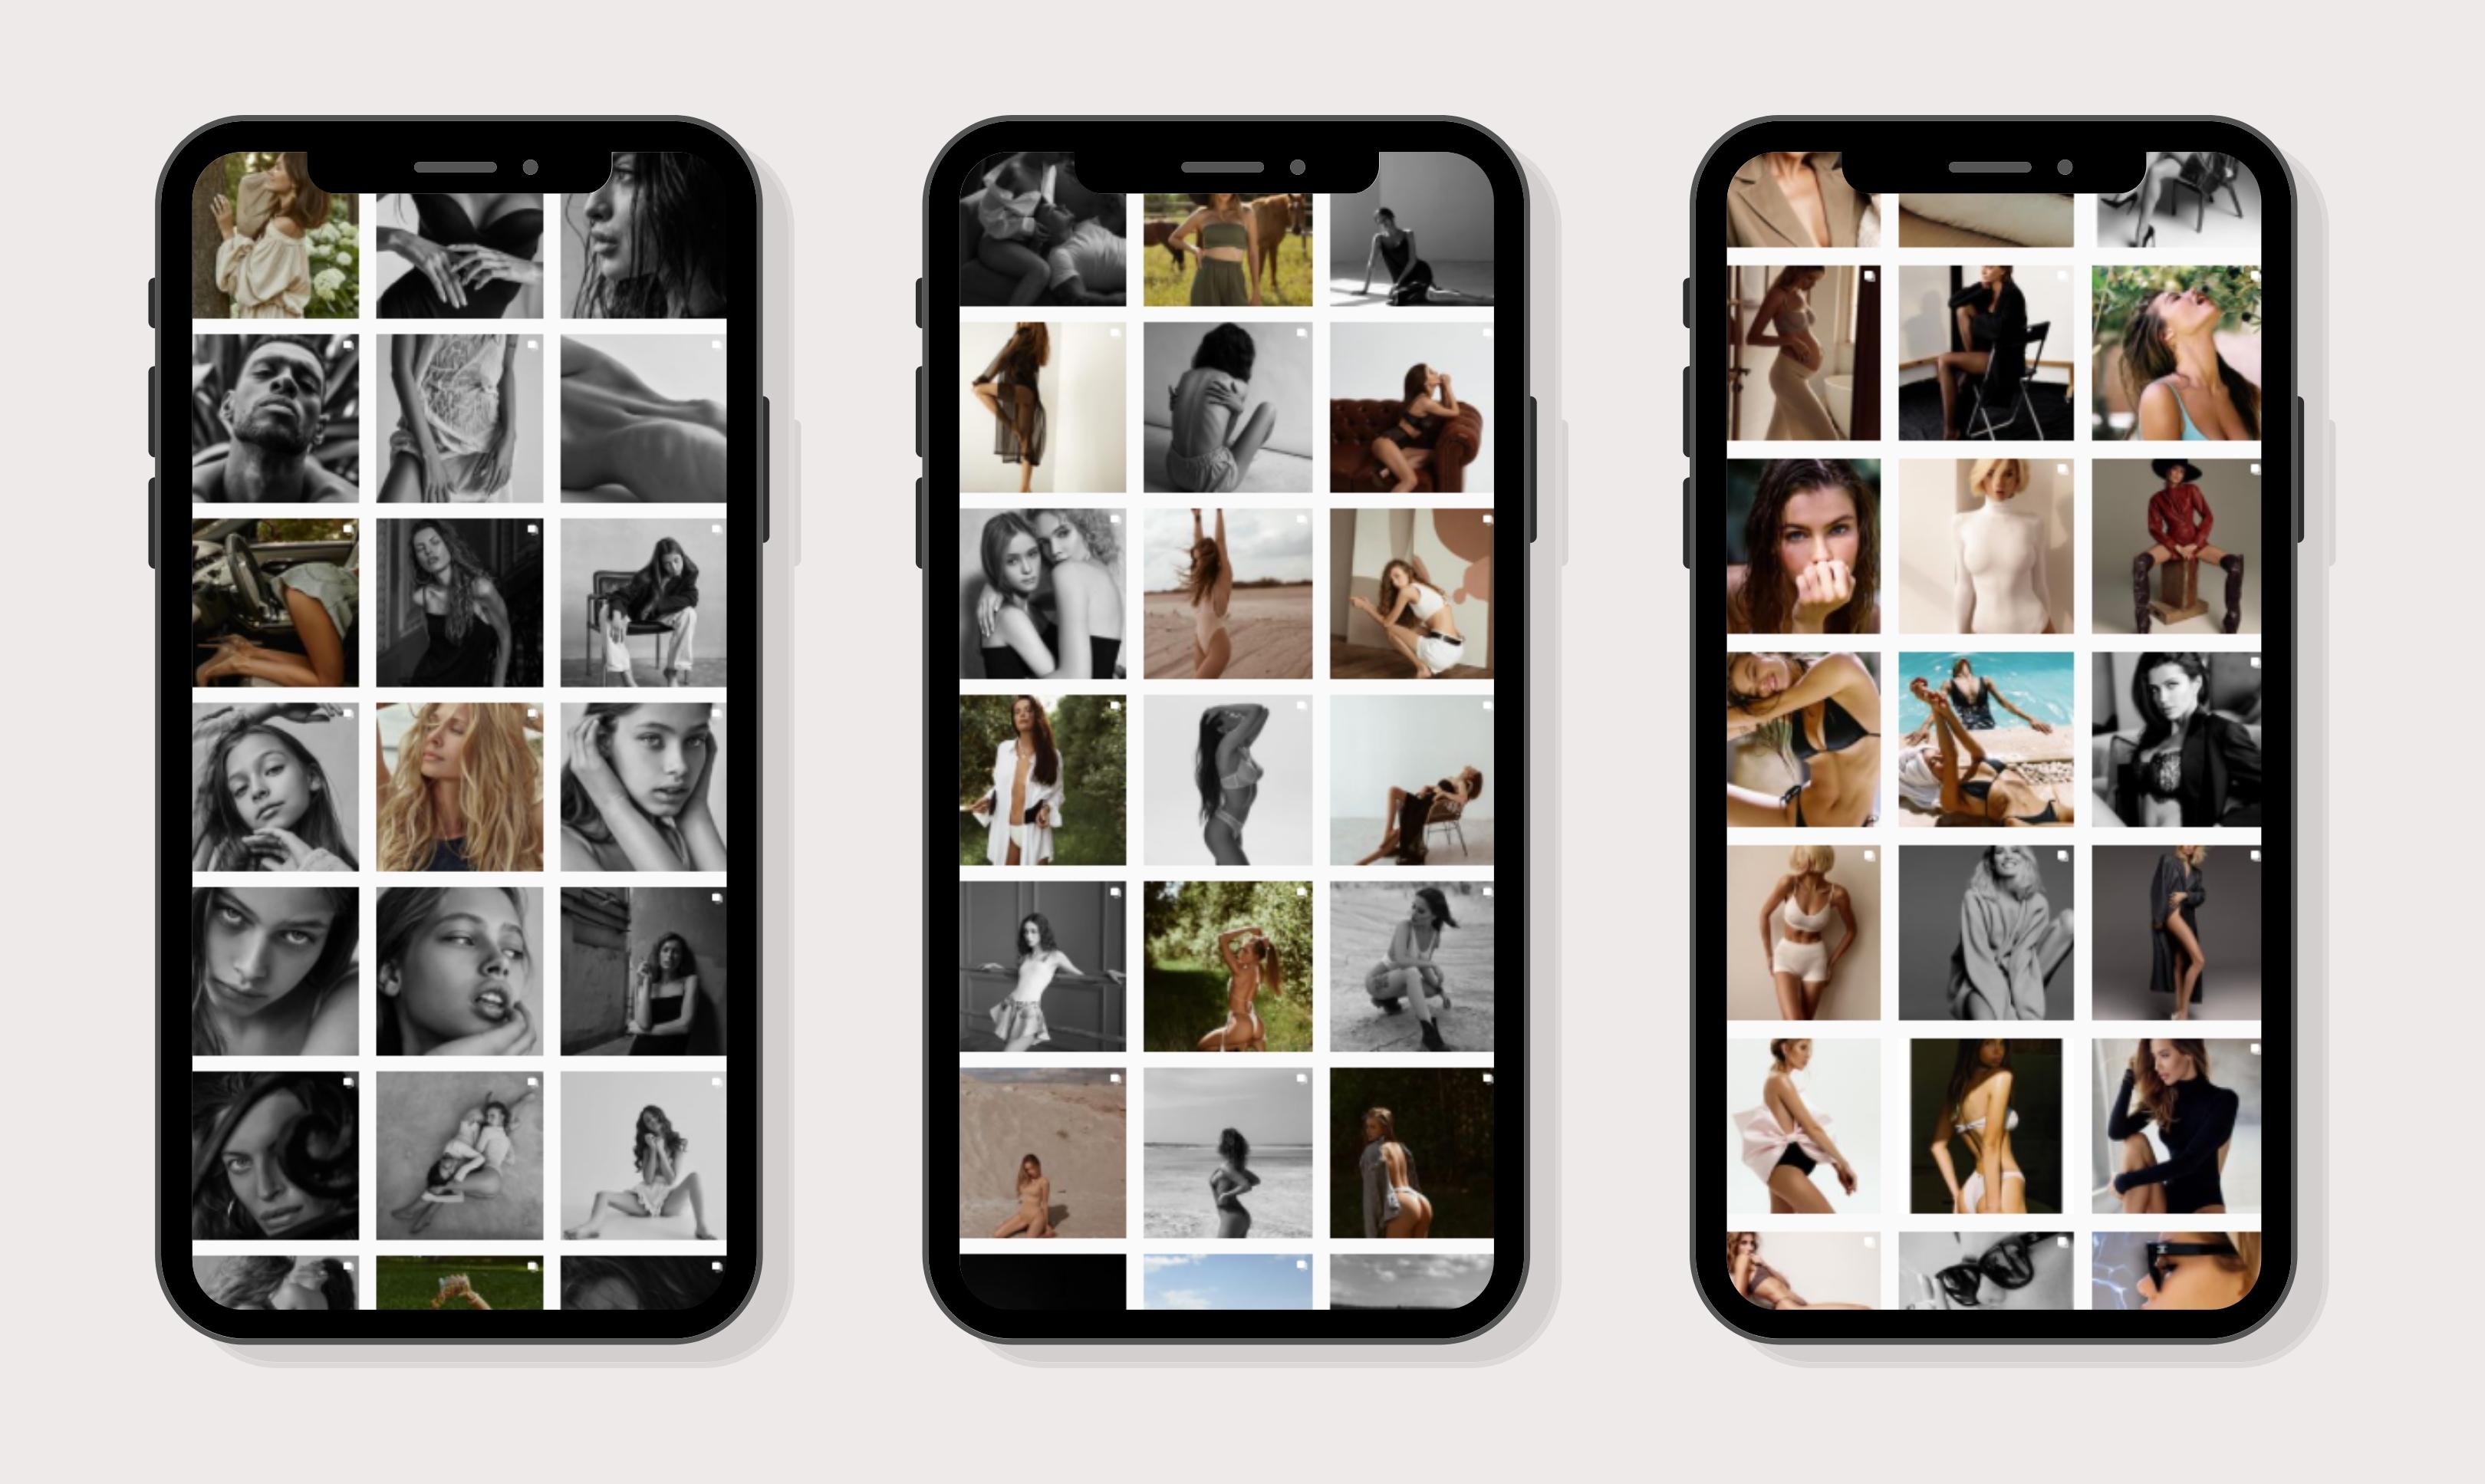 Нам красиво: чувственные Инстаграм-аккаунты фотографов